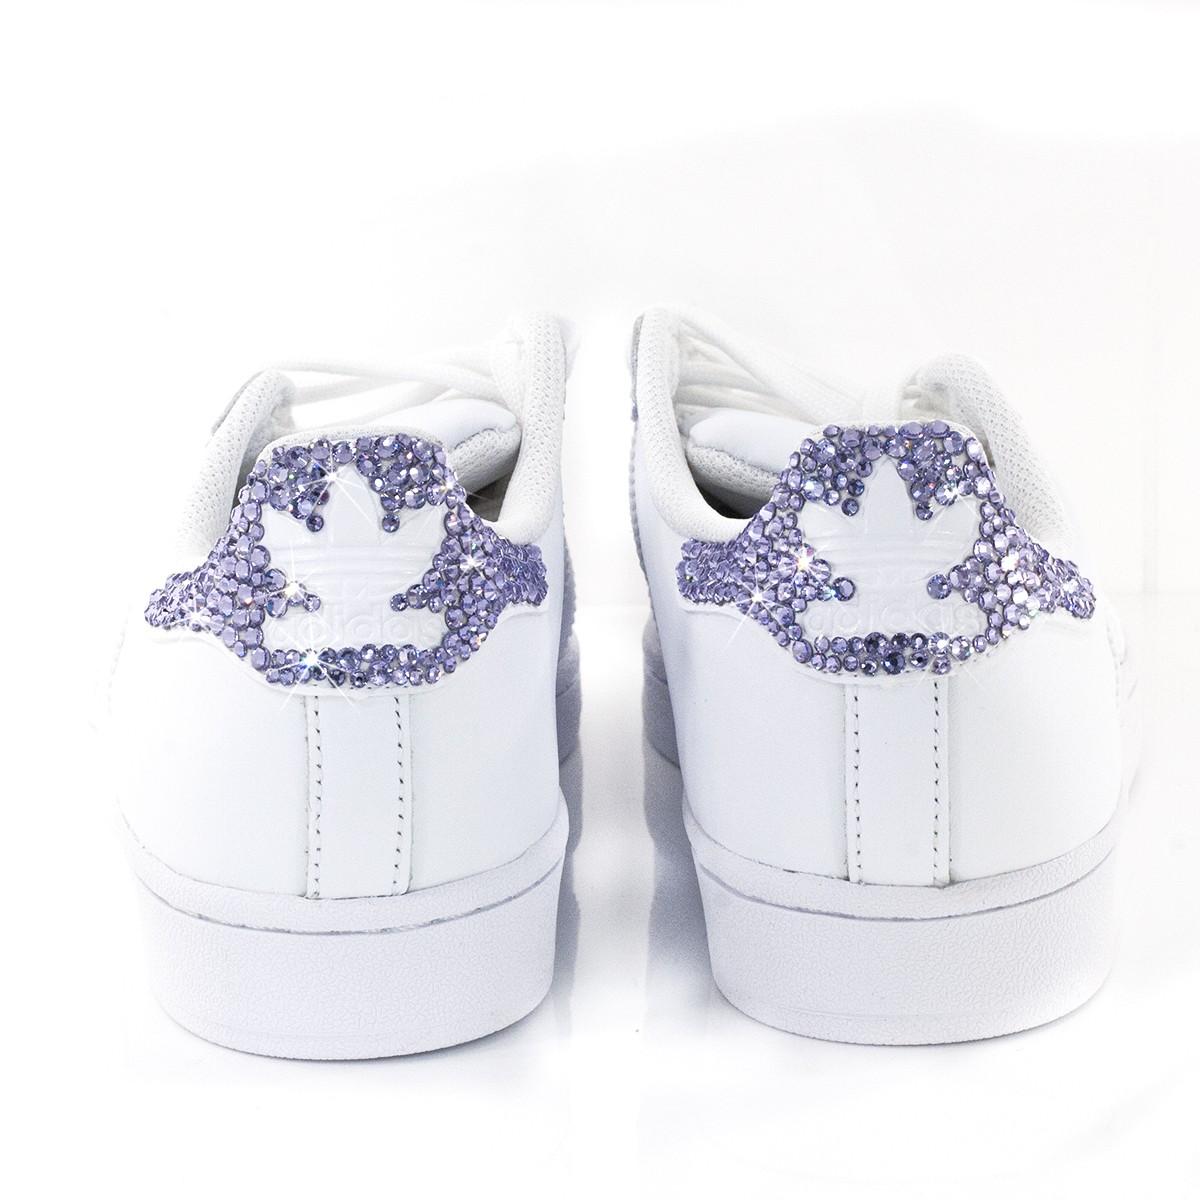 adidas scarpe brillantini